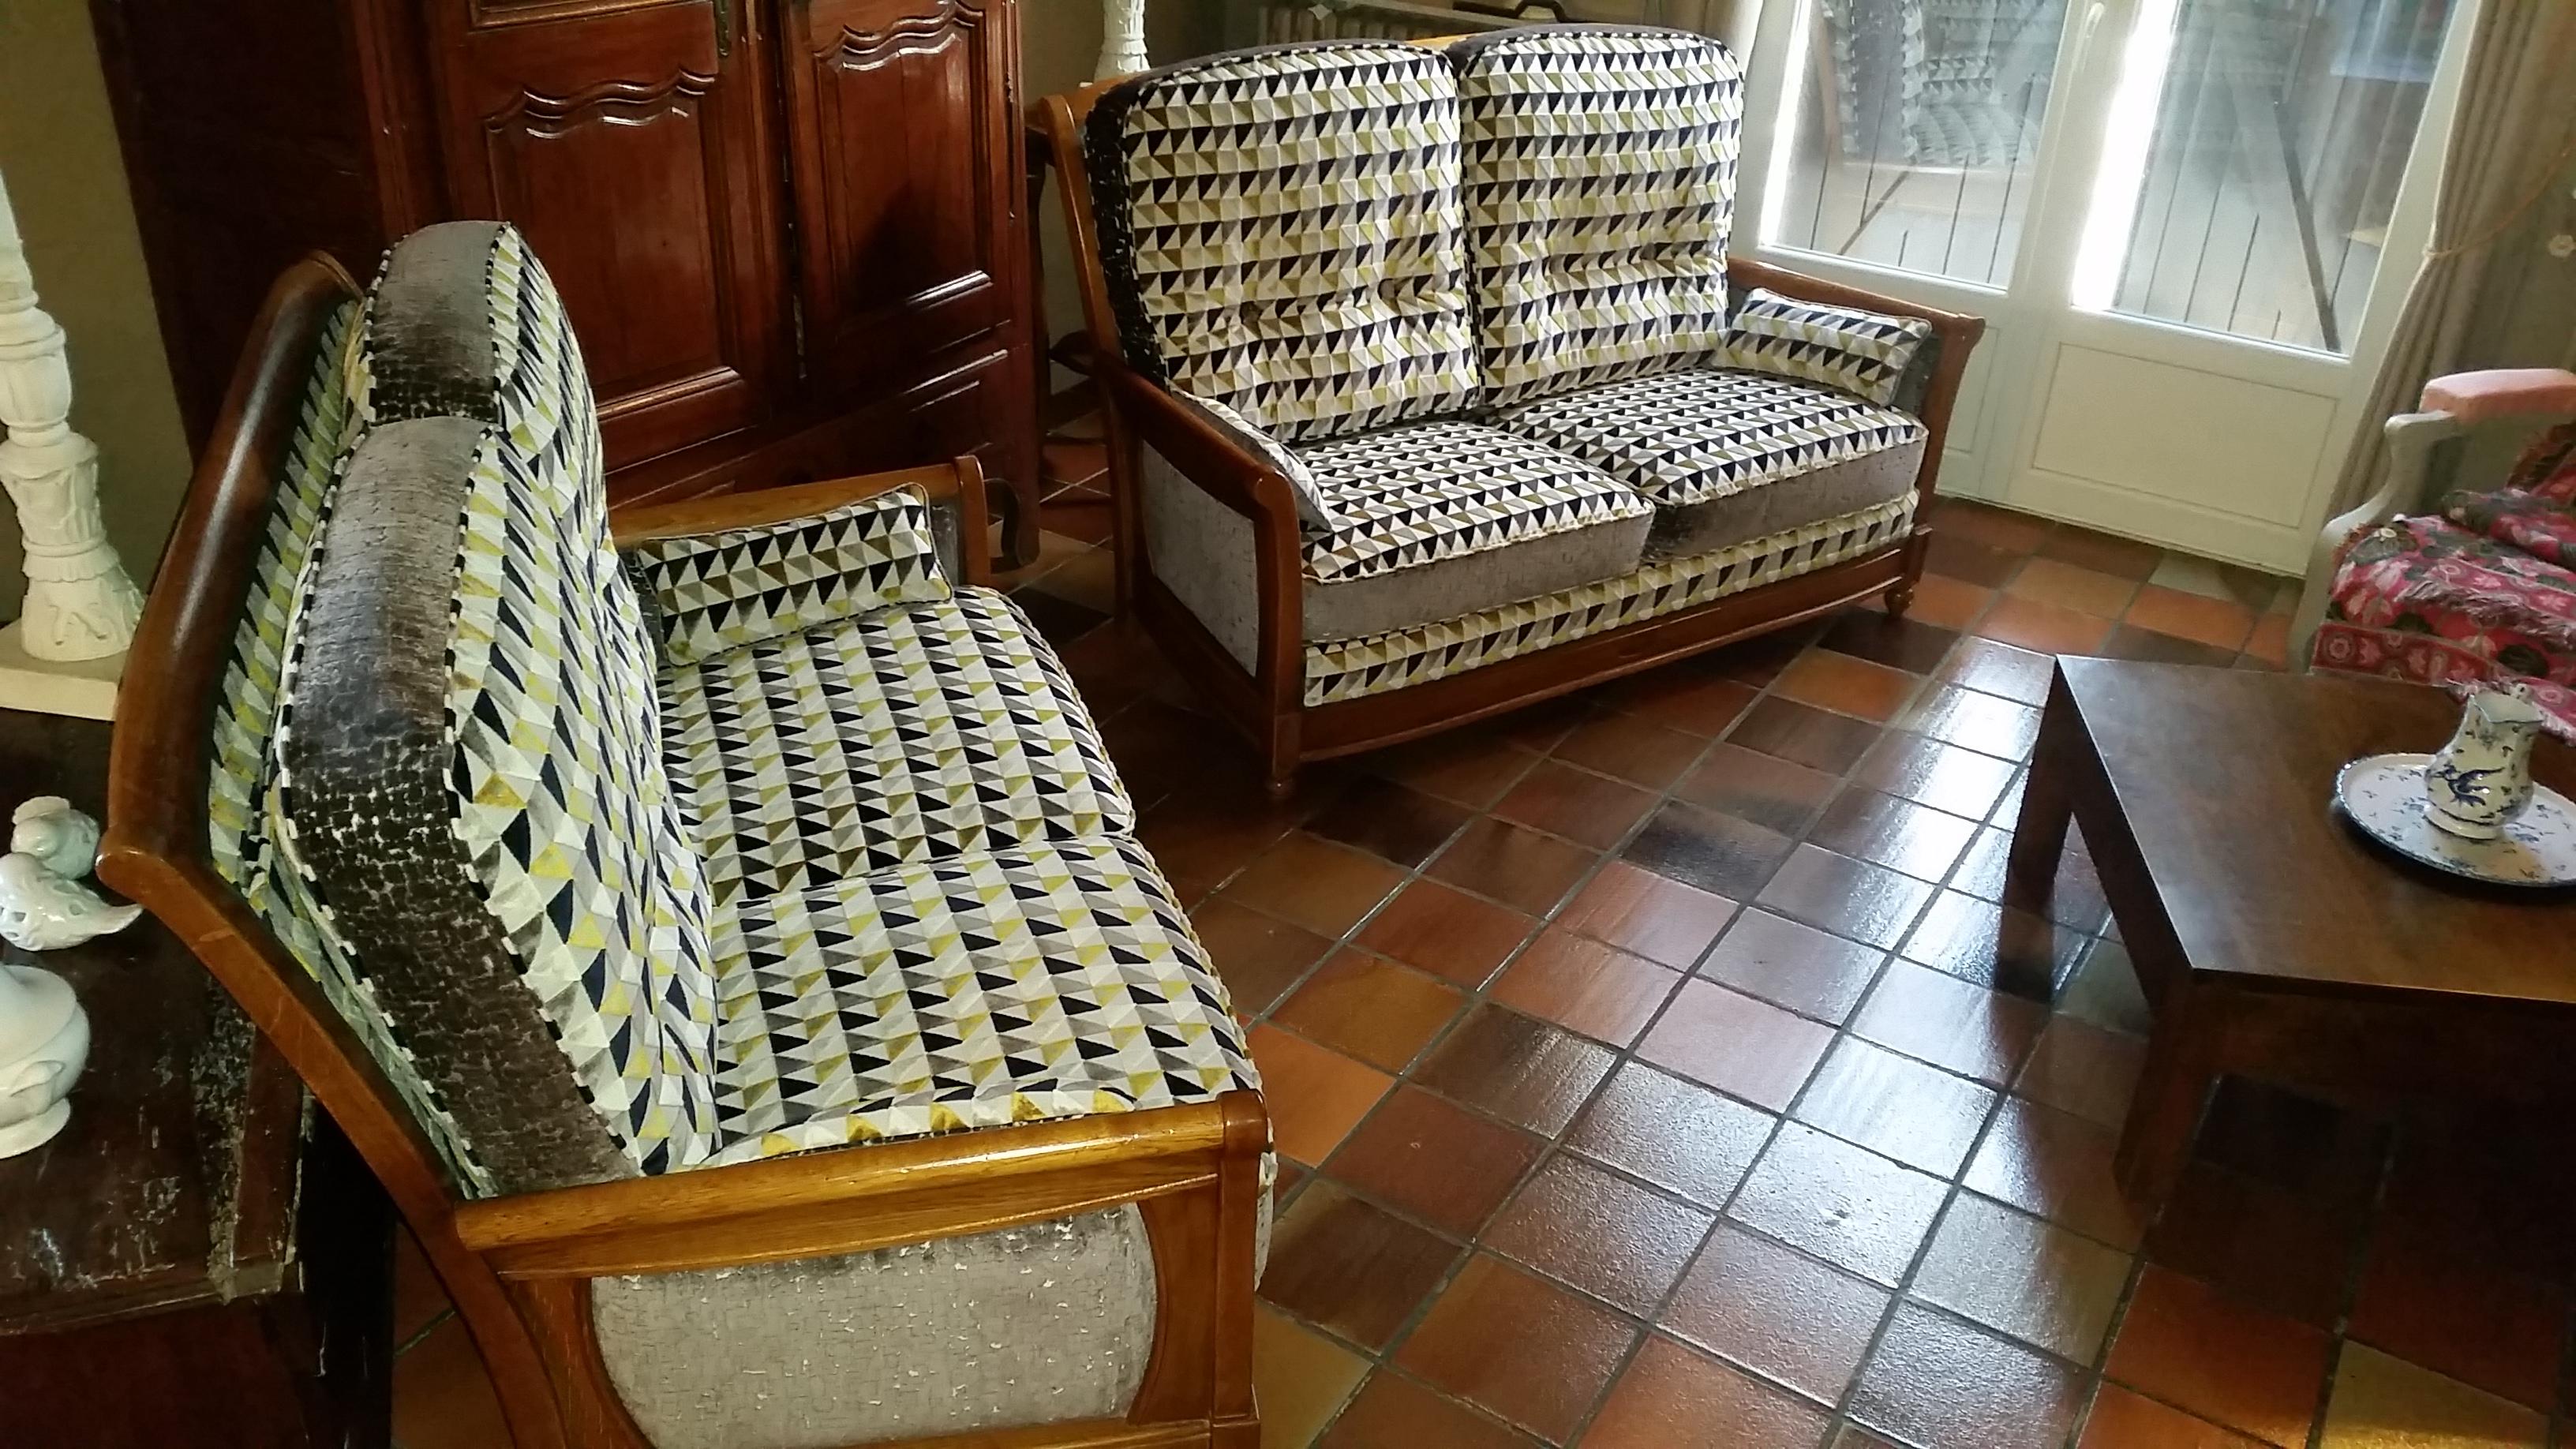 tapissier d corateur evelyne reiniche la maison de jade montauban. Black Bedroom Furniture Sets. Home Design Ideas